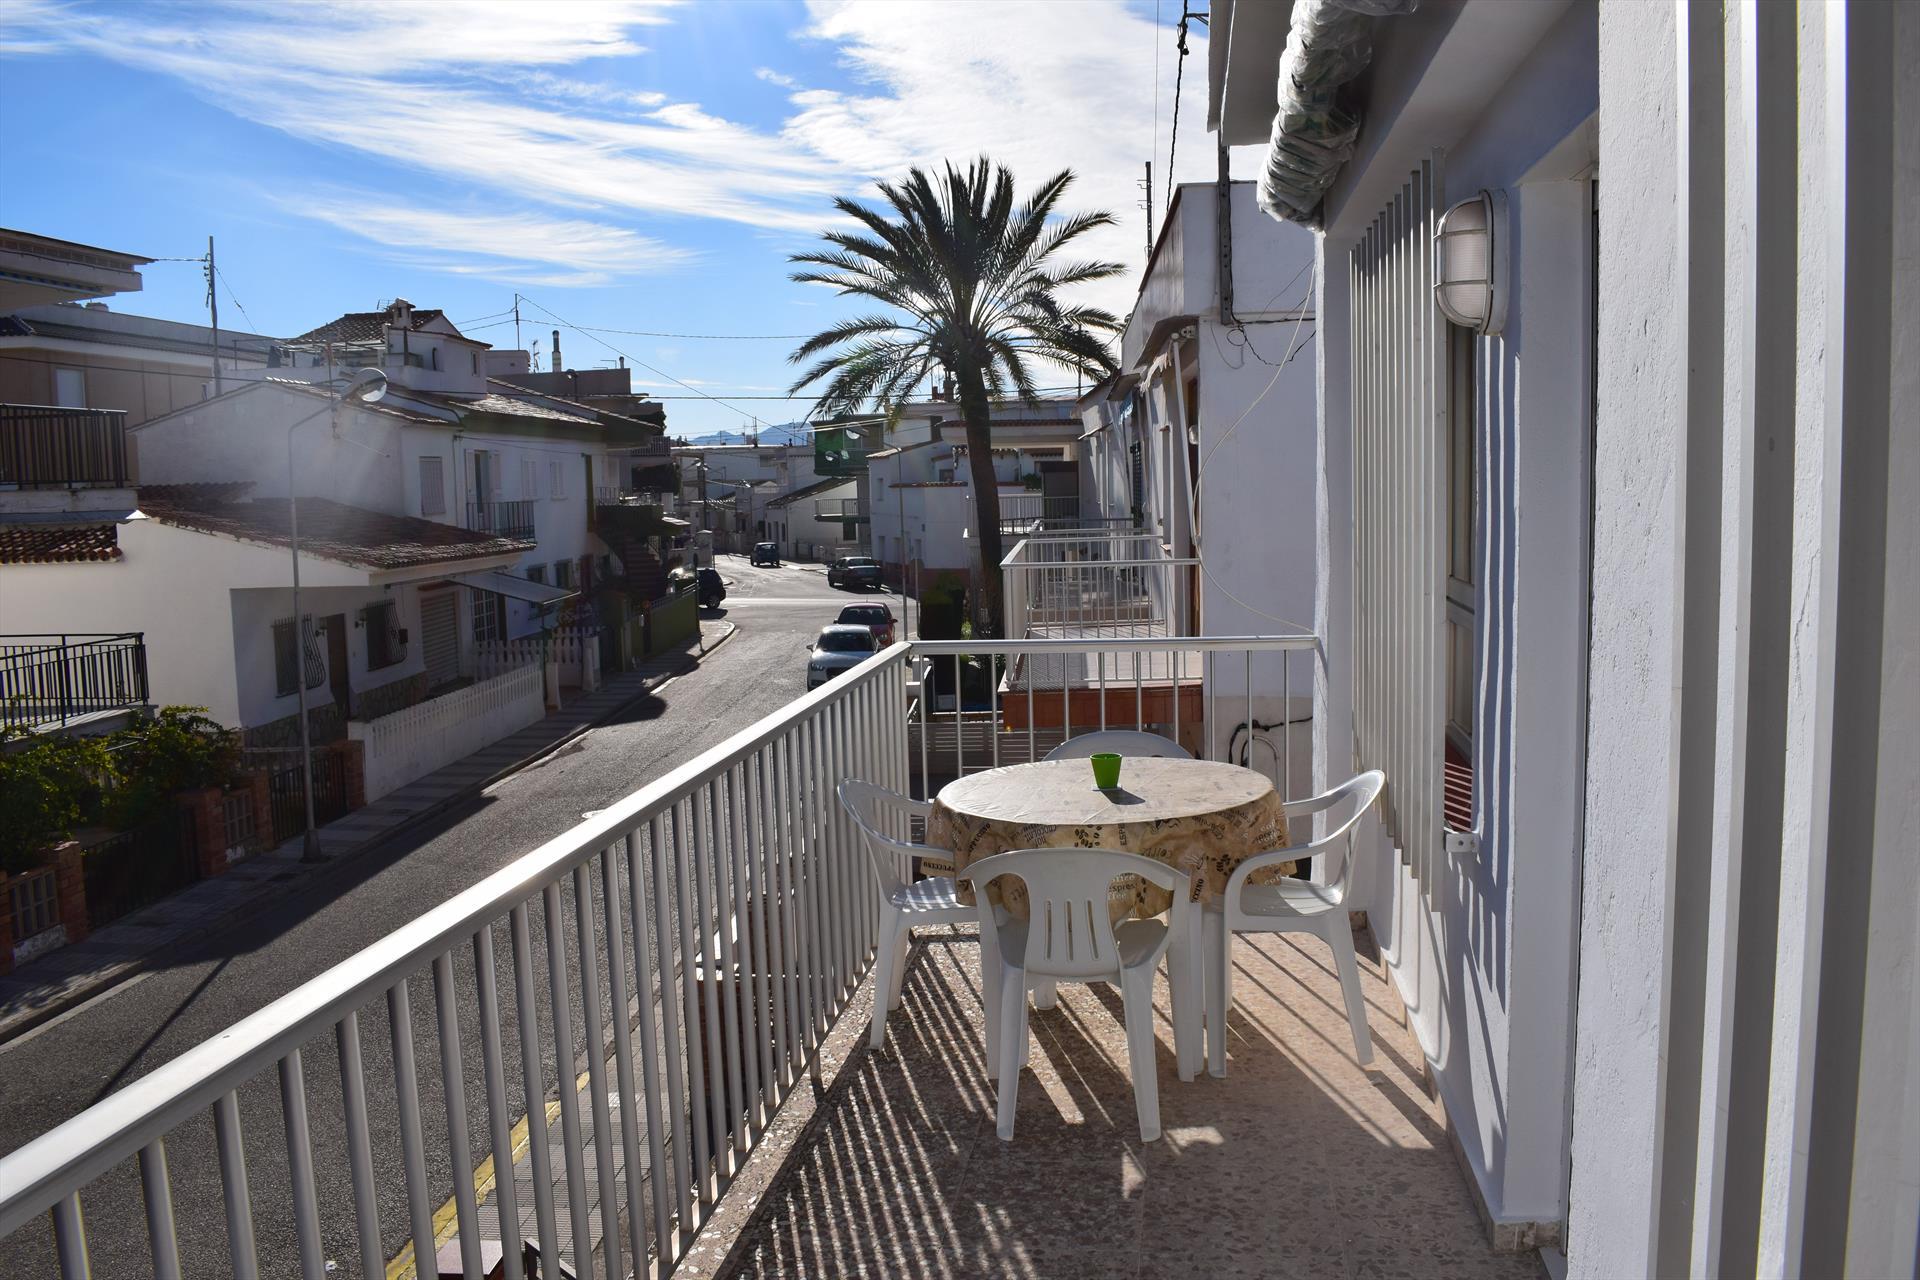 AP3151,Moderne und gemütliche Ferienwohnung in Oliva, an der Costa Blanca, Spanien für 6 Personen.....